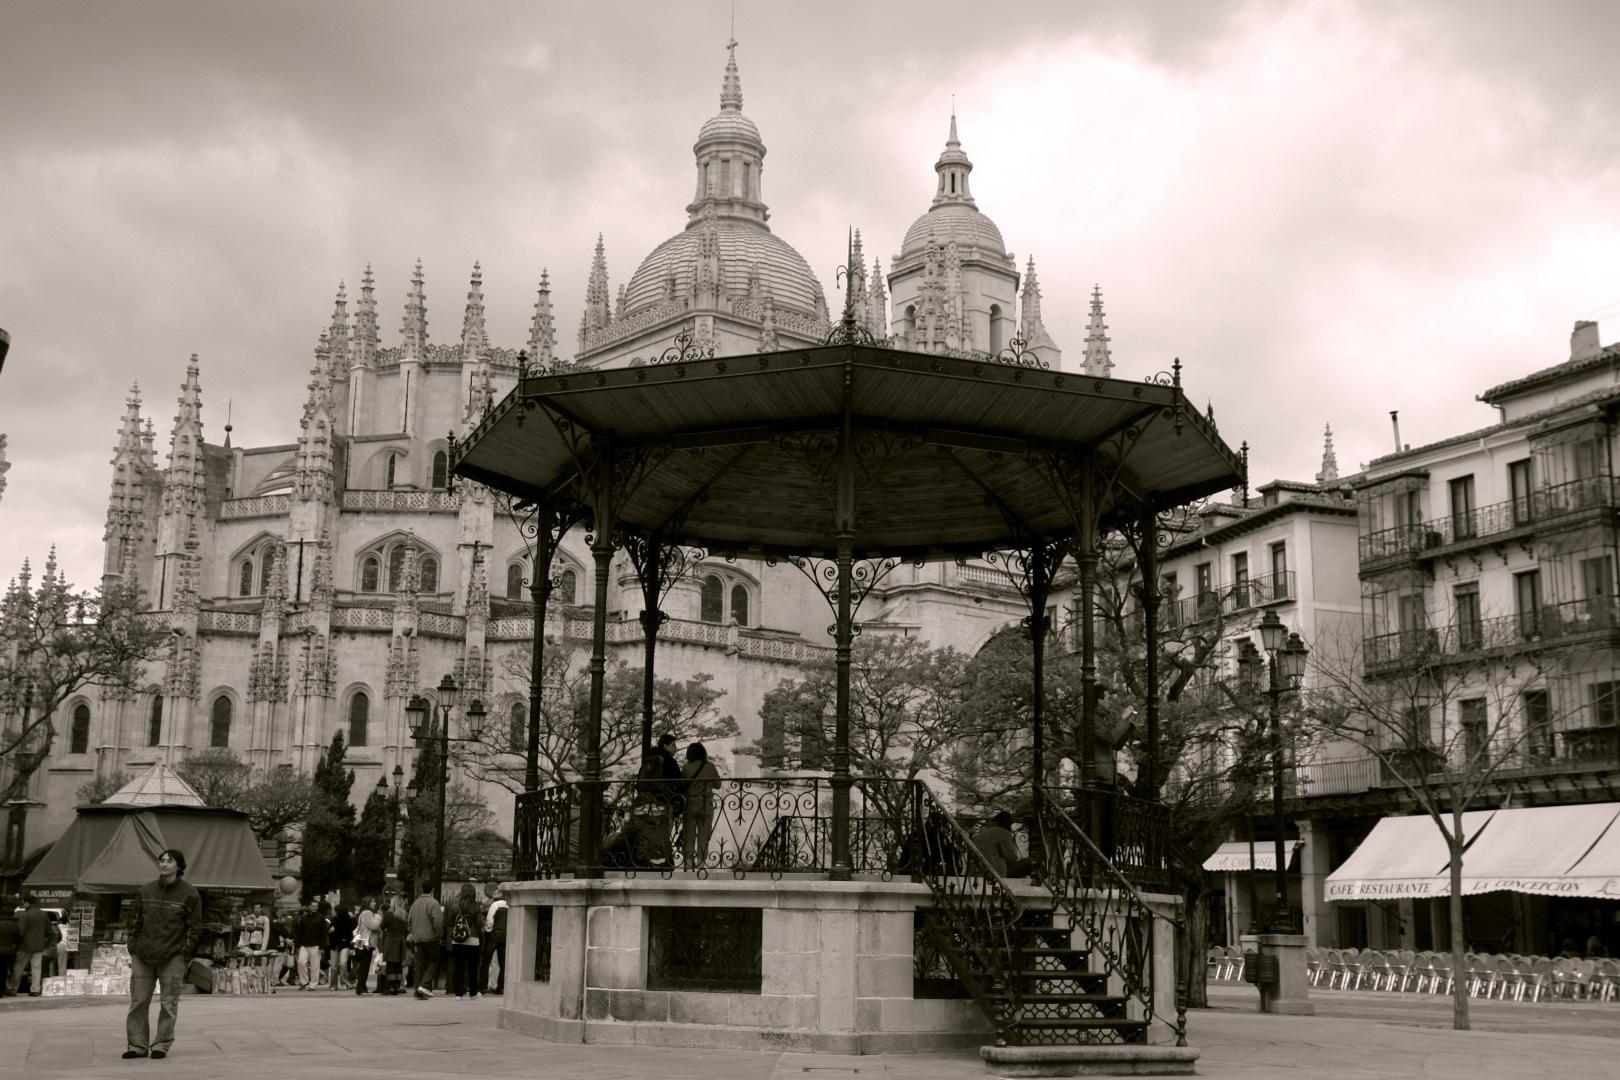 Qué ver Segovia, España qué ver en segovia - 30289238064 932fa180d6 o - Qué ver en Segovia, España